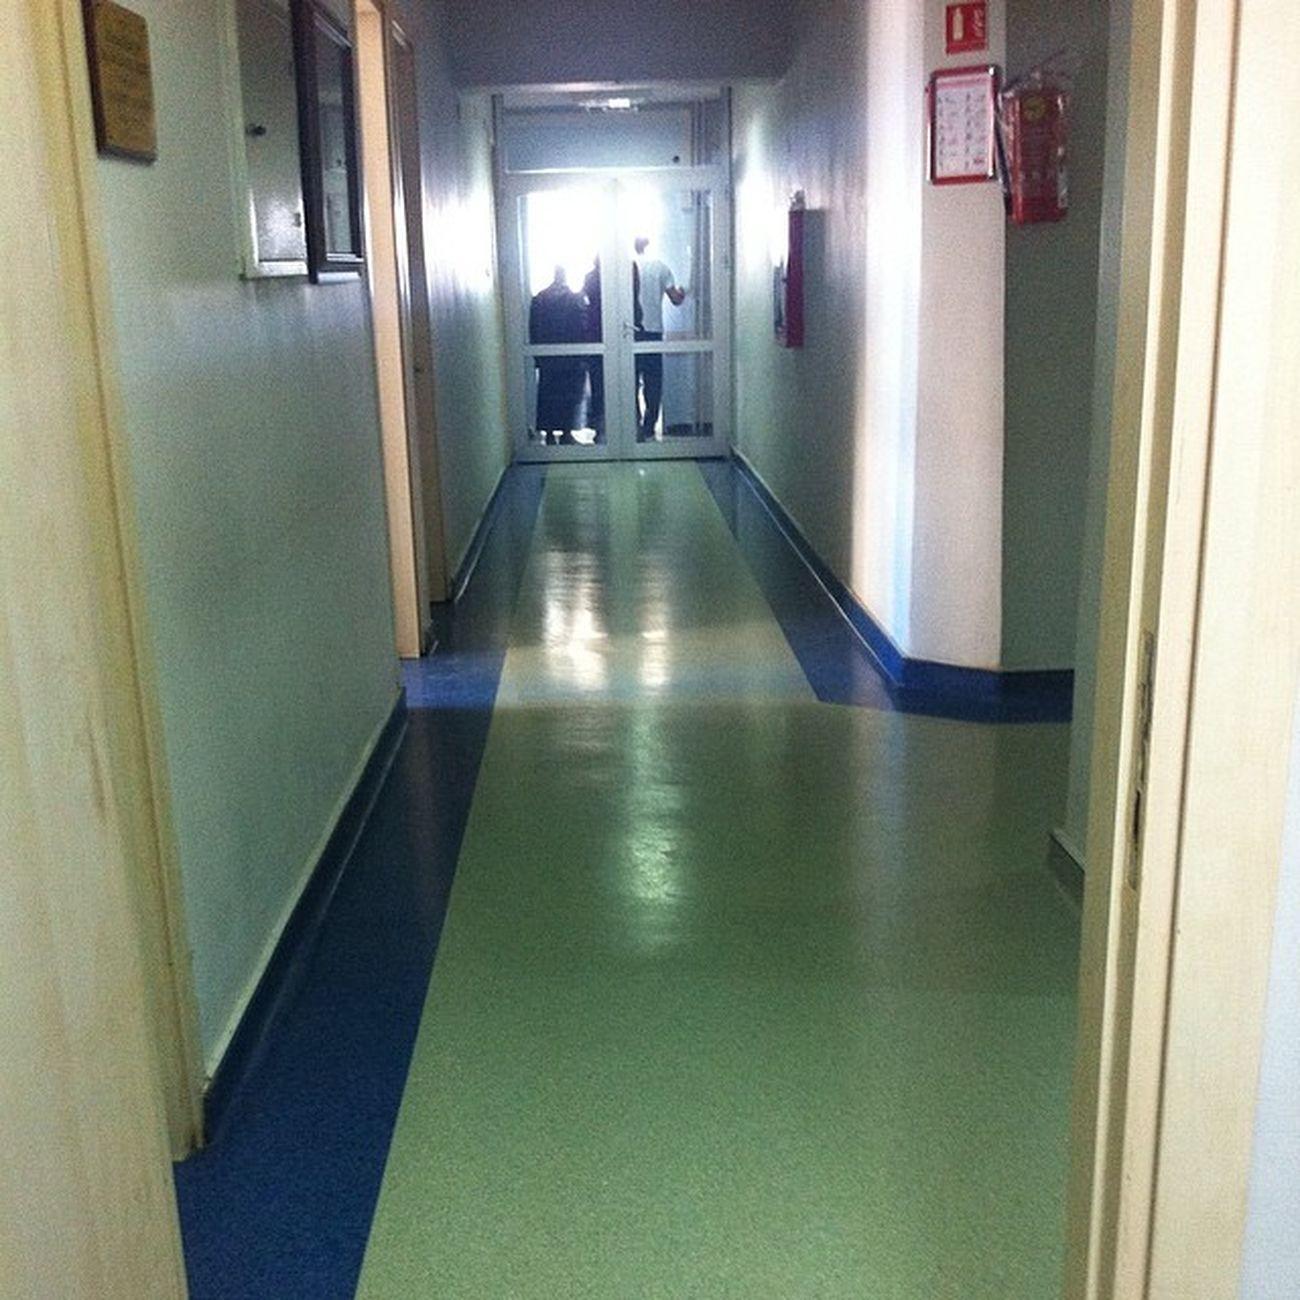 Bu koridorlarin sonu yok Sisli Etfalhastanesi Hastane Istanbul koridor beklemek